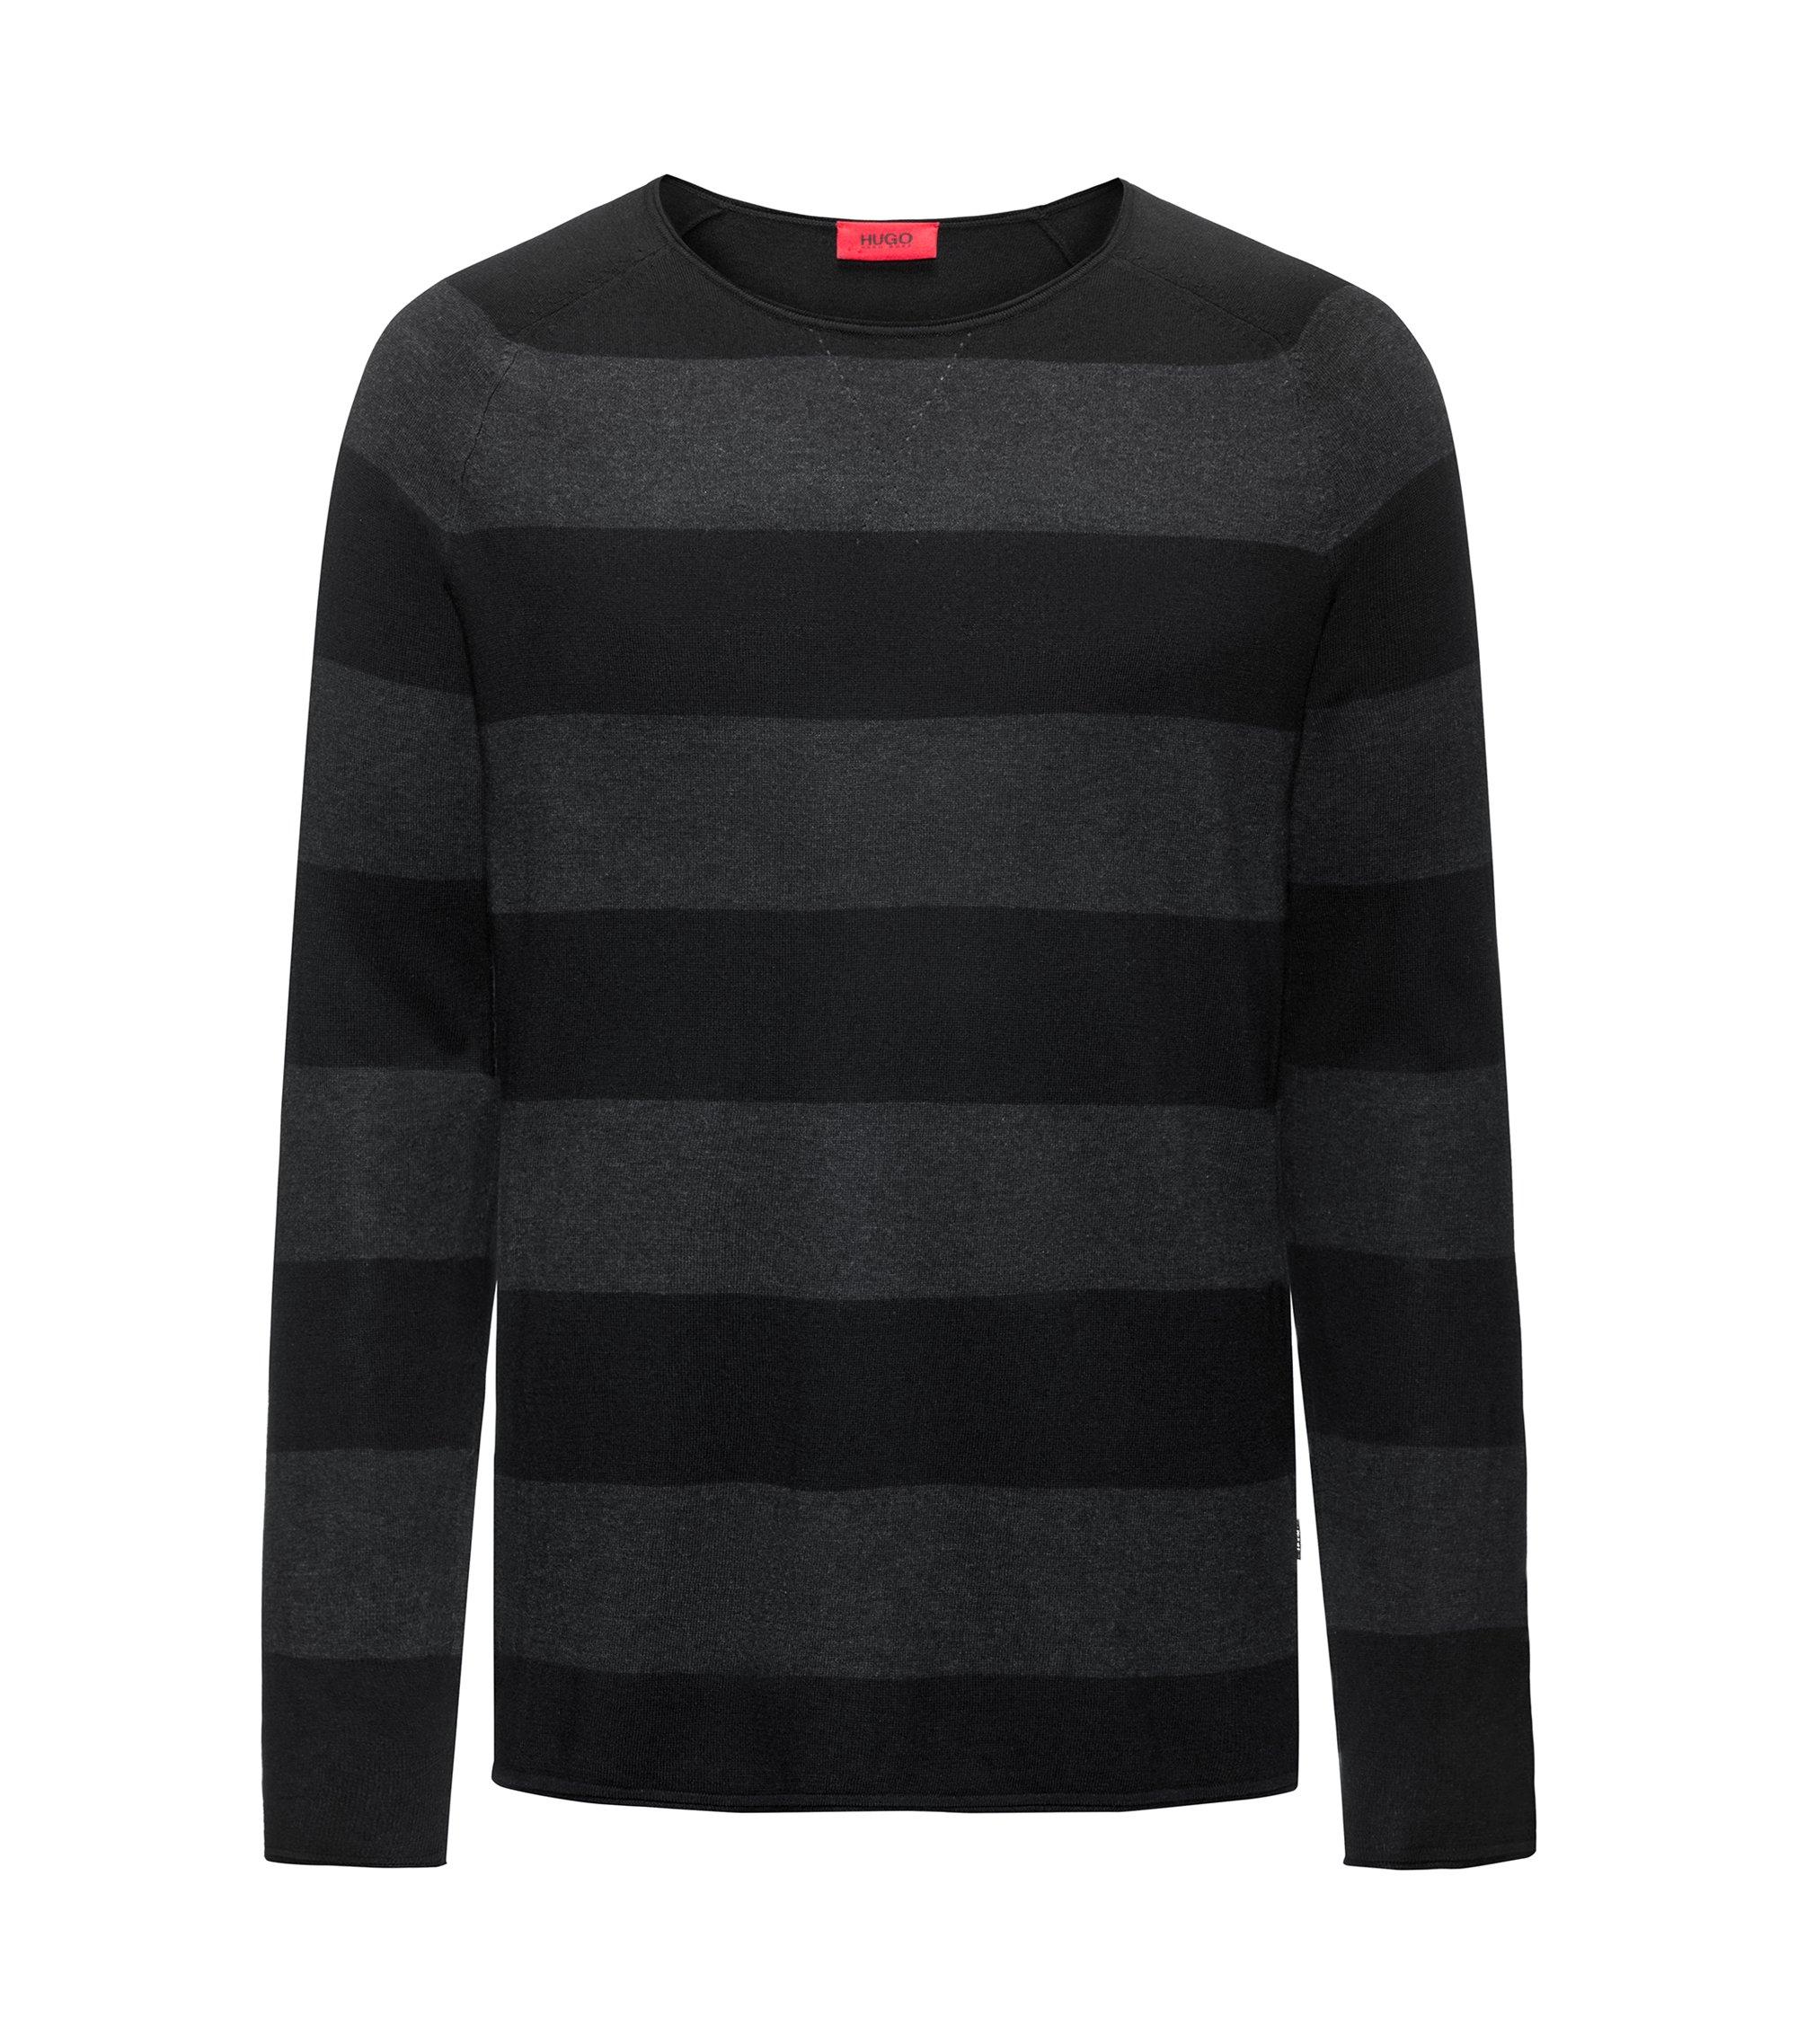 Pull à col ras-du-cou en coton mélangé à rayures larges, Noir